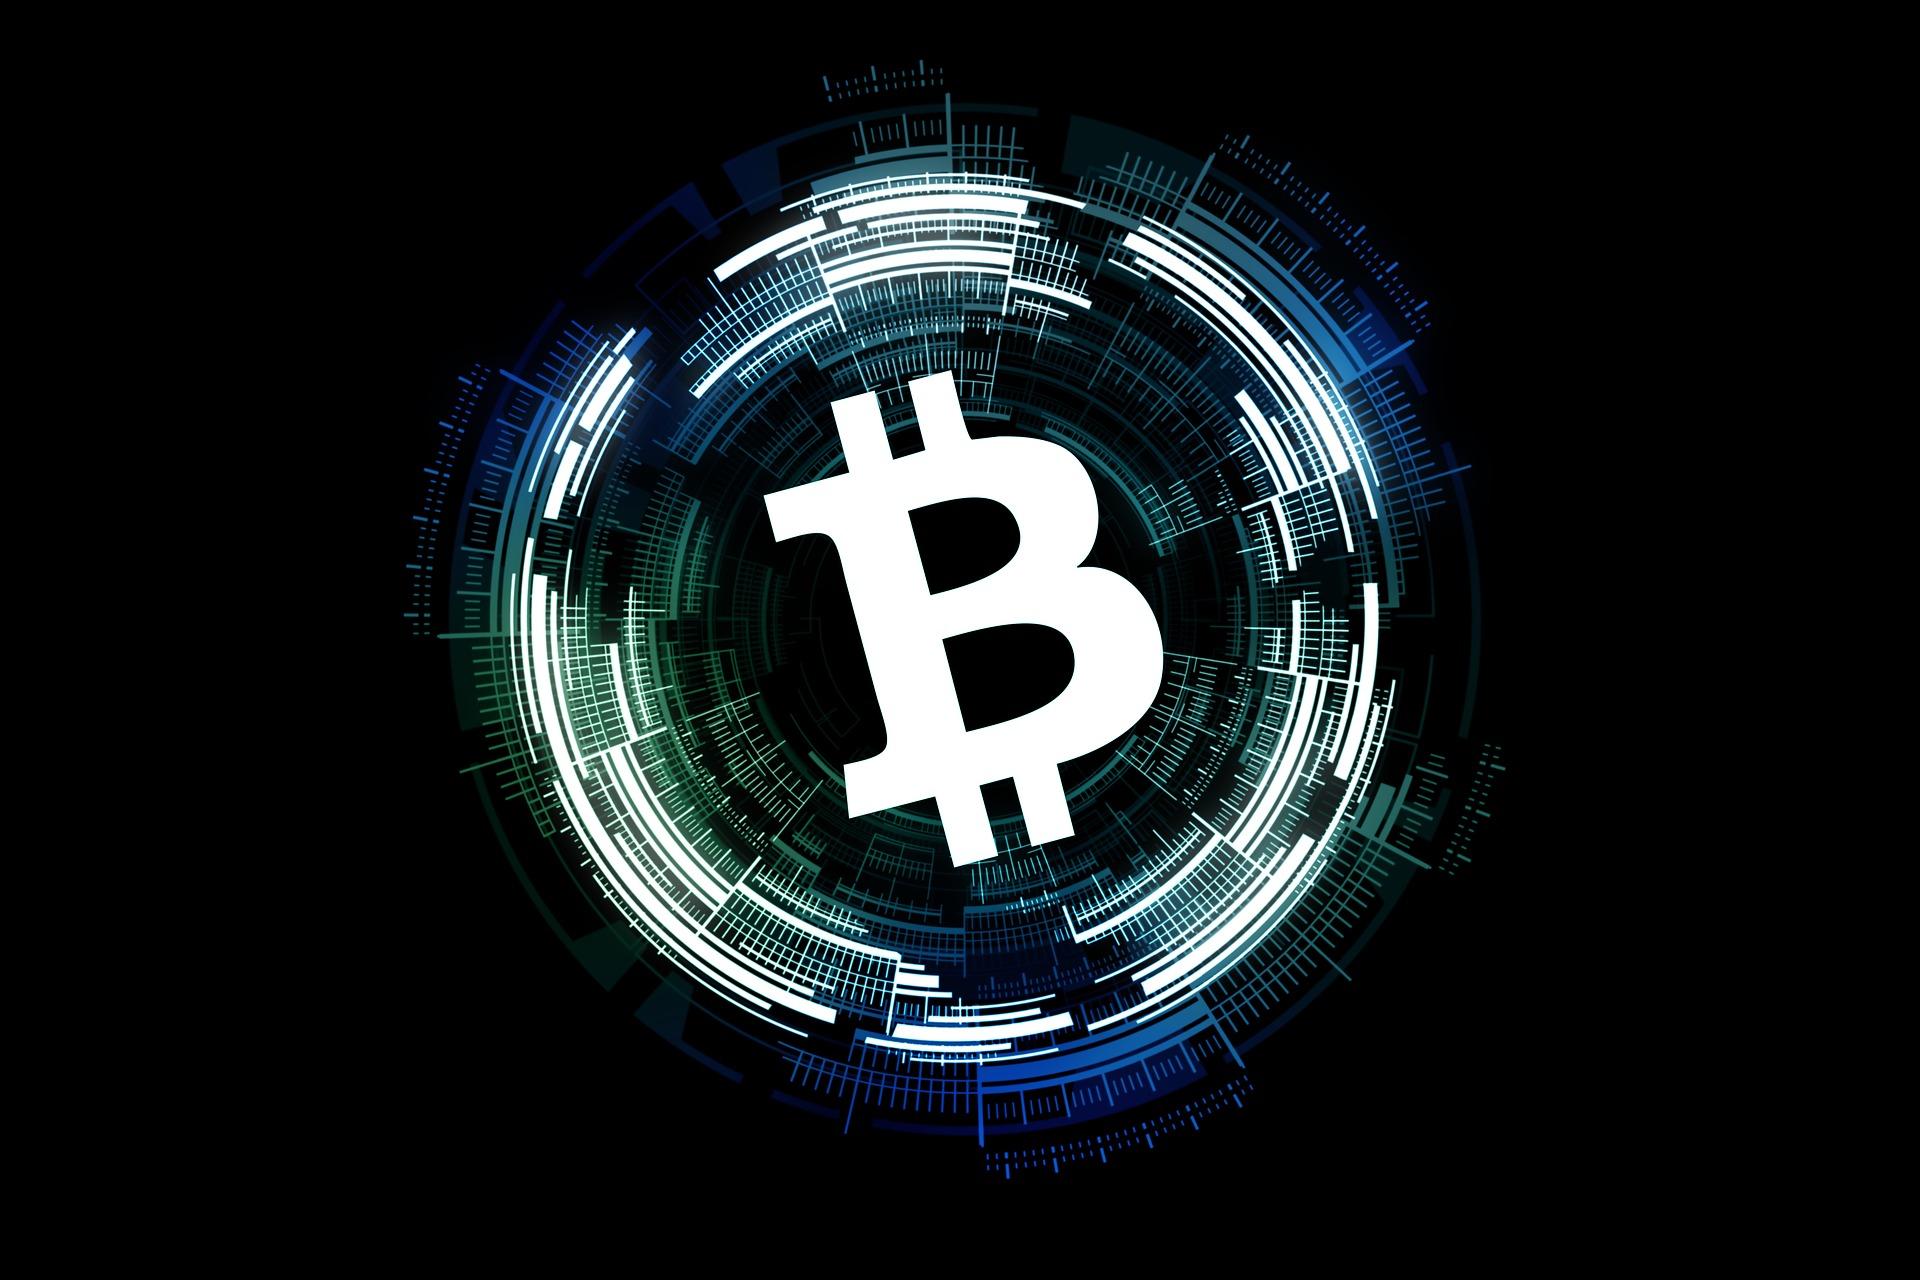 Bitcoin short-term price analysis: September 6